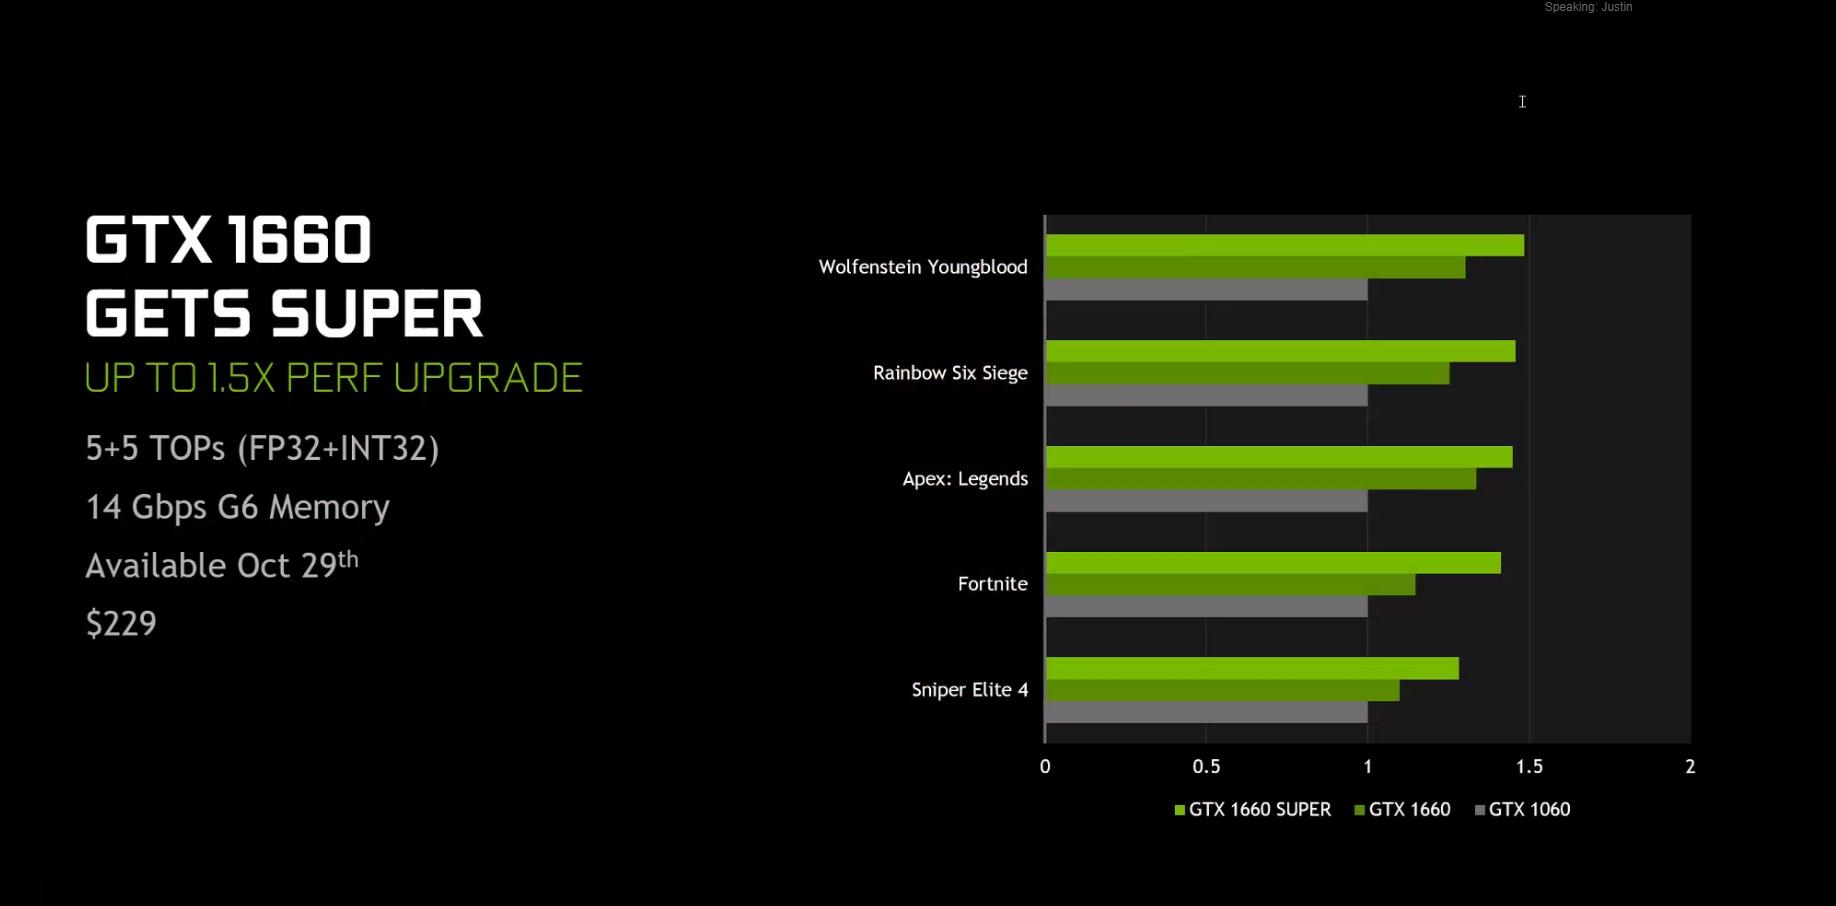 Co nowego u Nvidii? Chociażby GTX 1660 SUPER i GTX 1650 SUPER 22